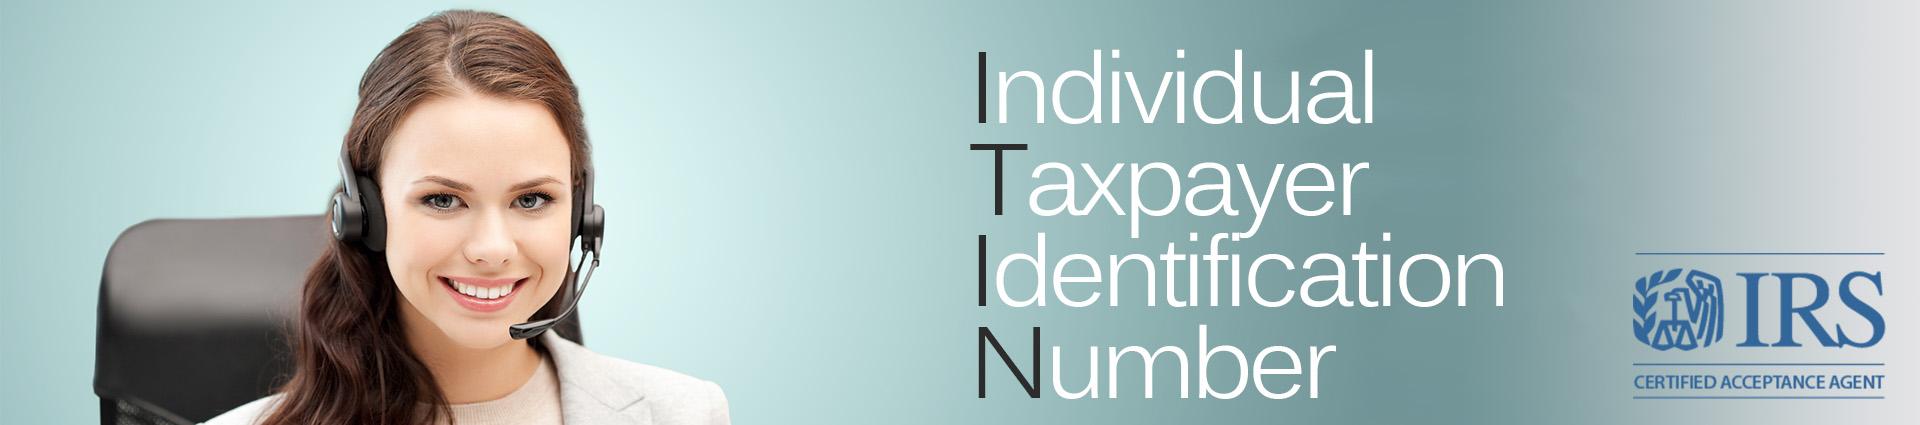 customer-service-banner-ITIN